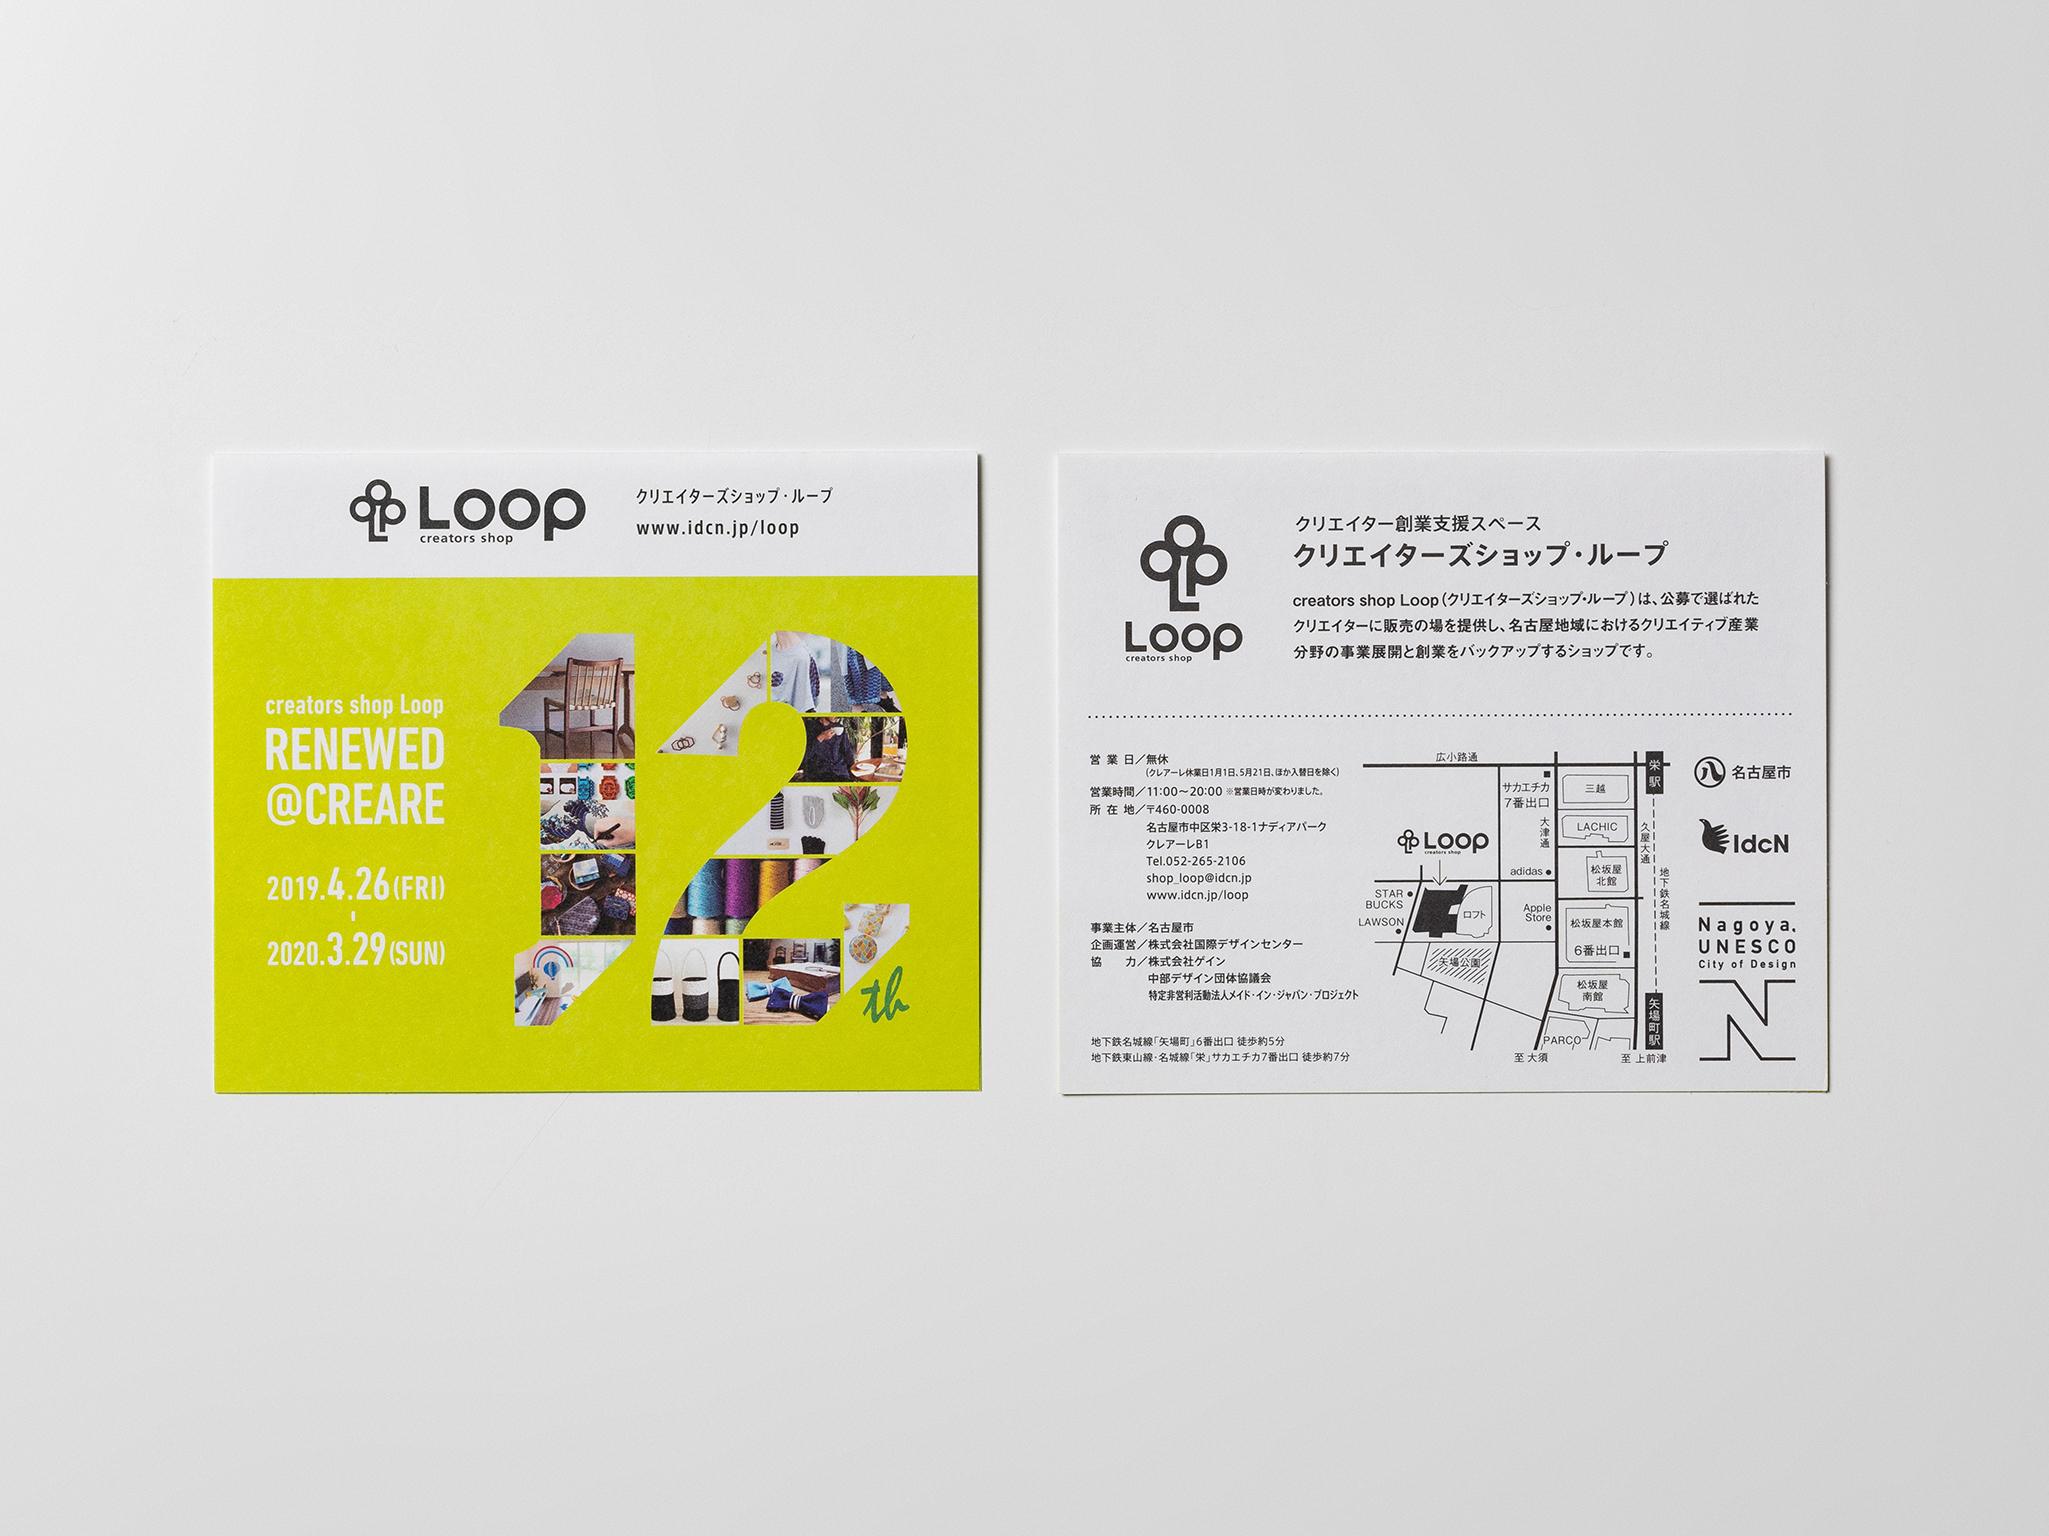 名古屋 ブランディング デザイン レンズアソシエイツ  LOOP